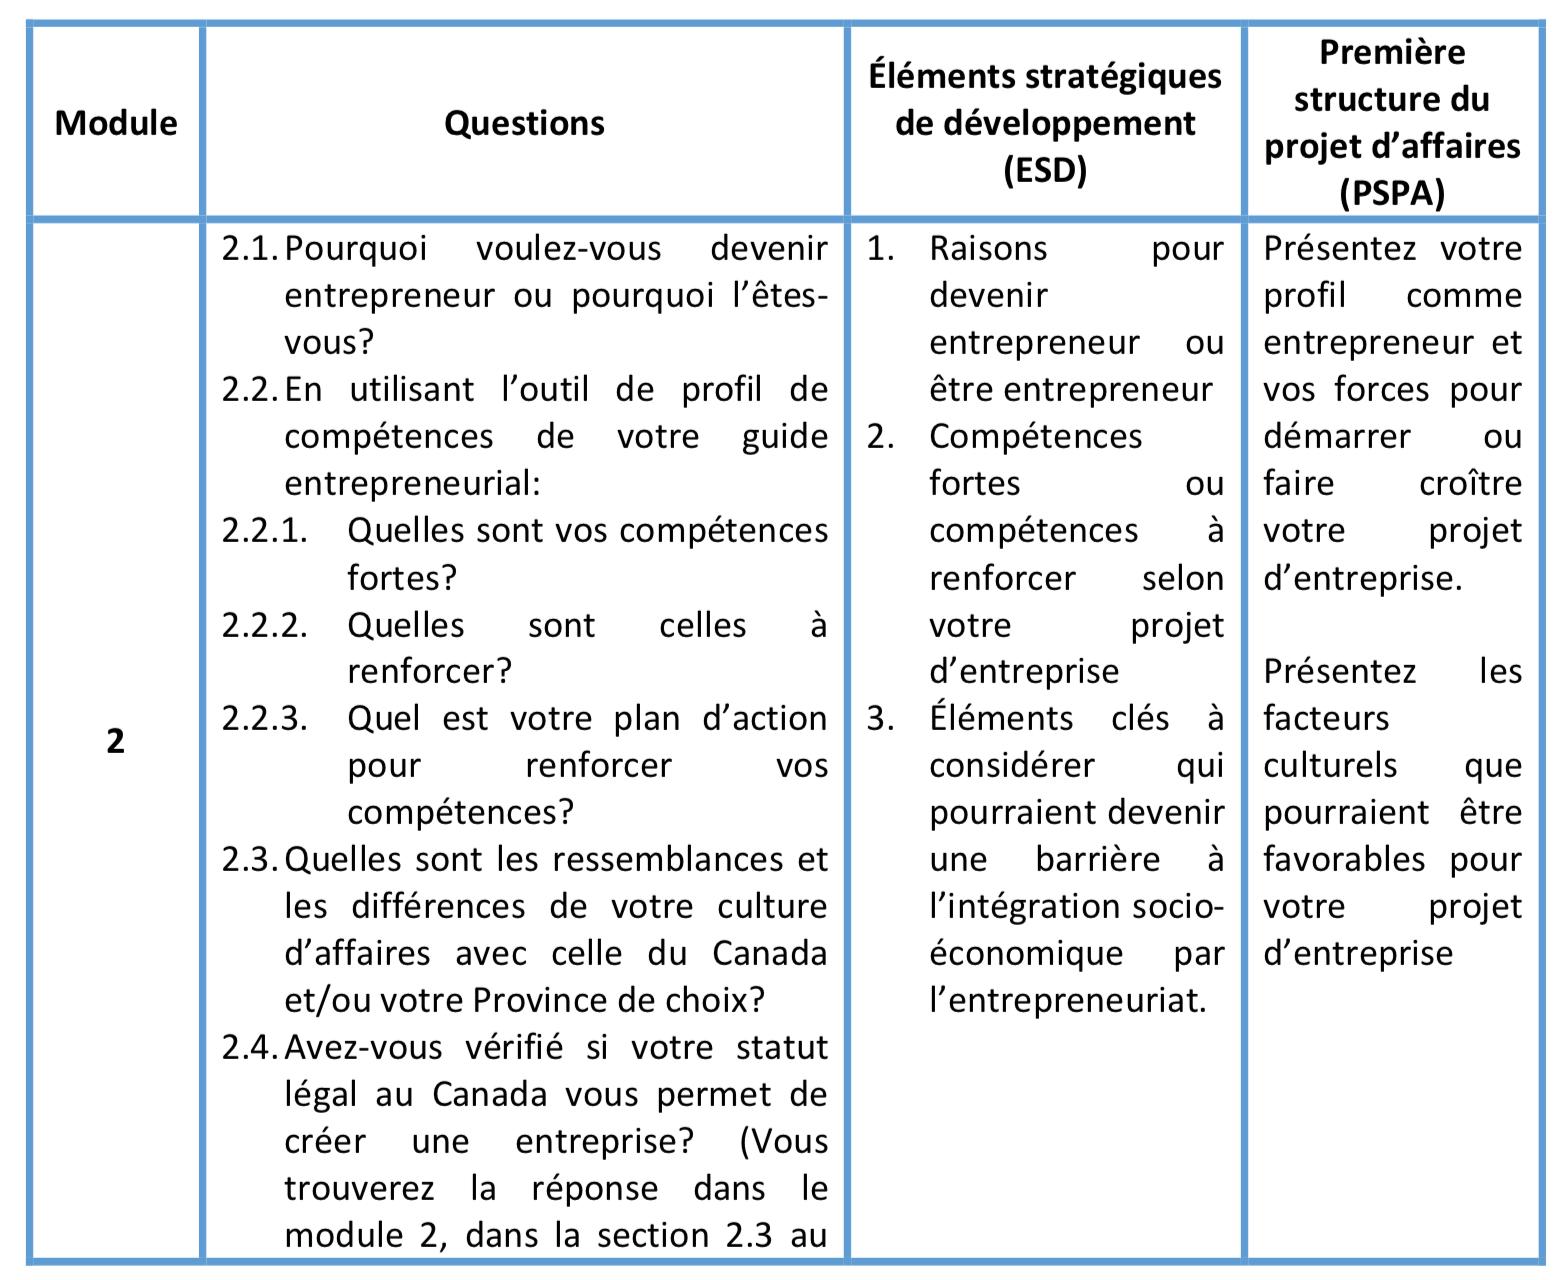 Cahier d'exercices - Passeport de l'entrepreneuriat ...